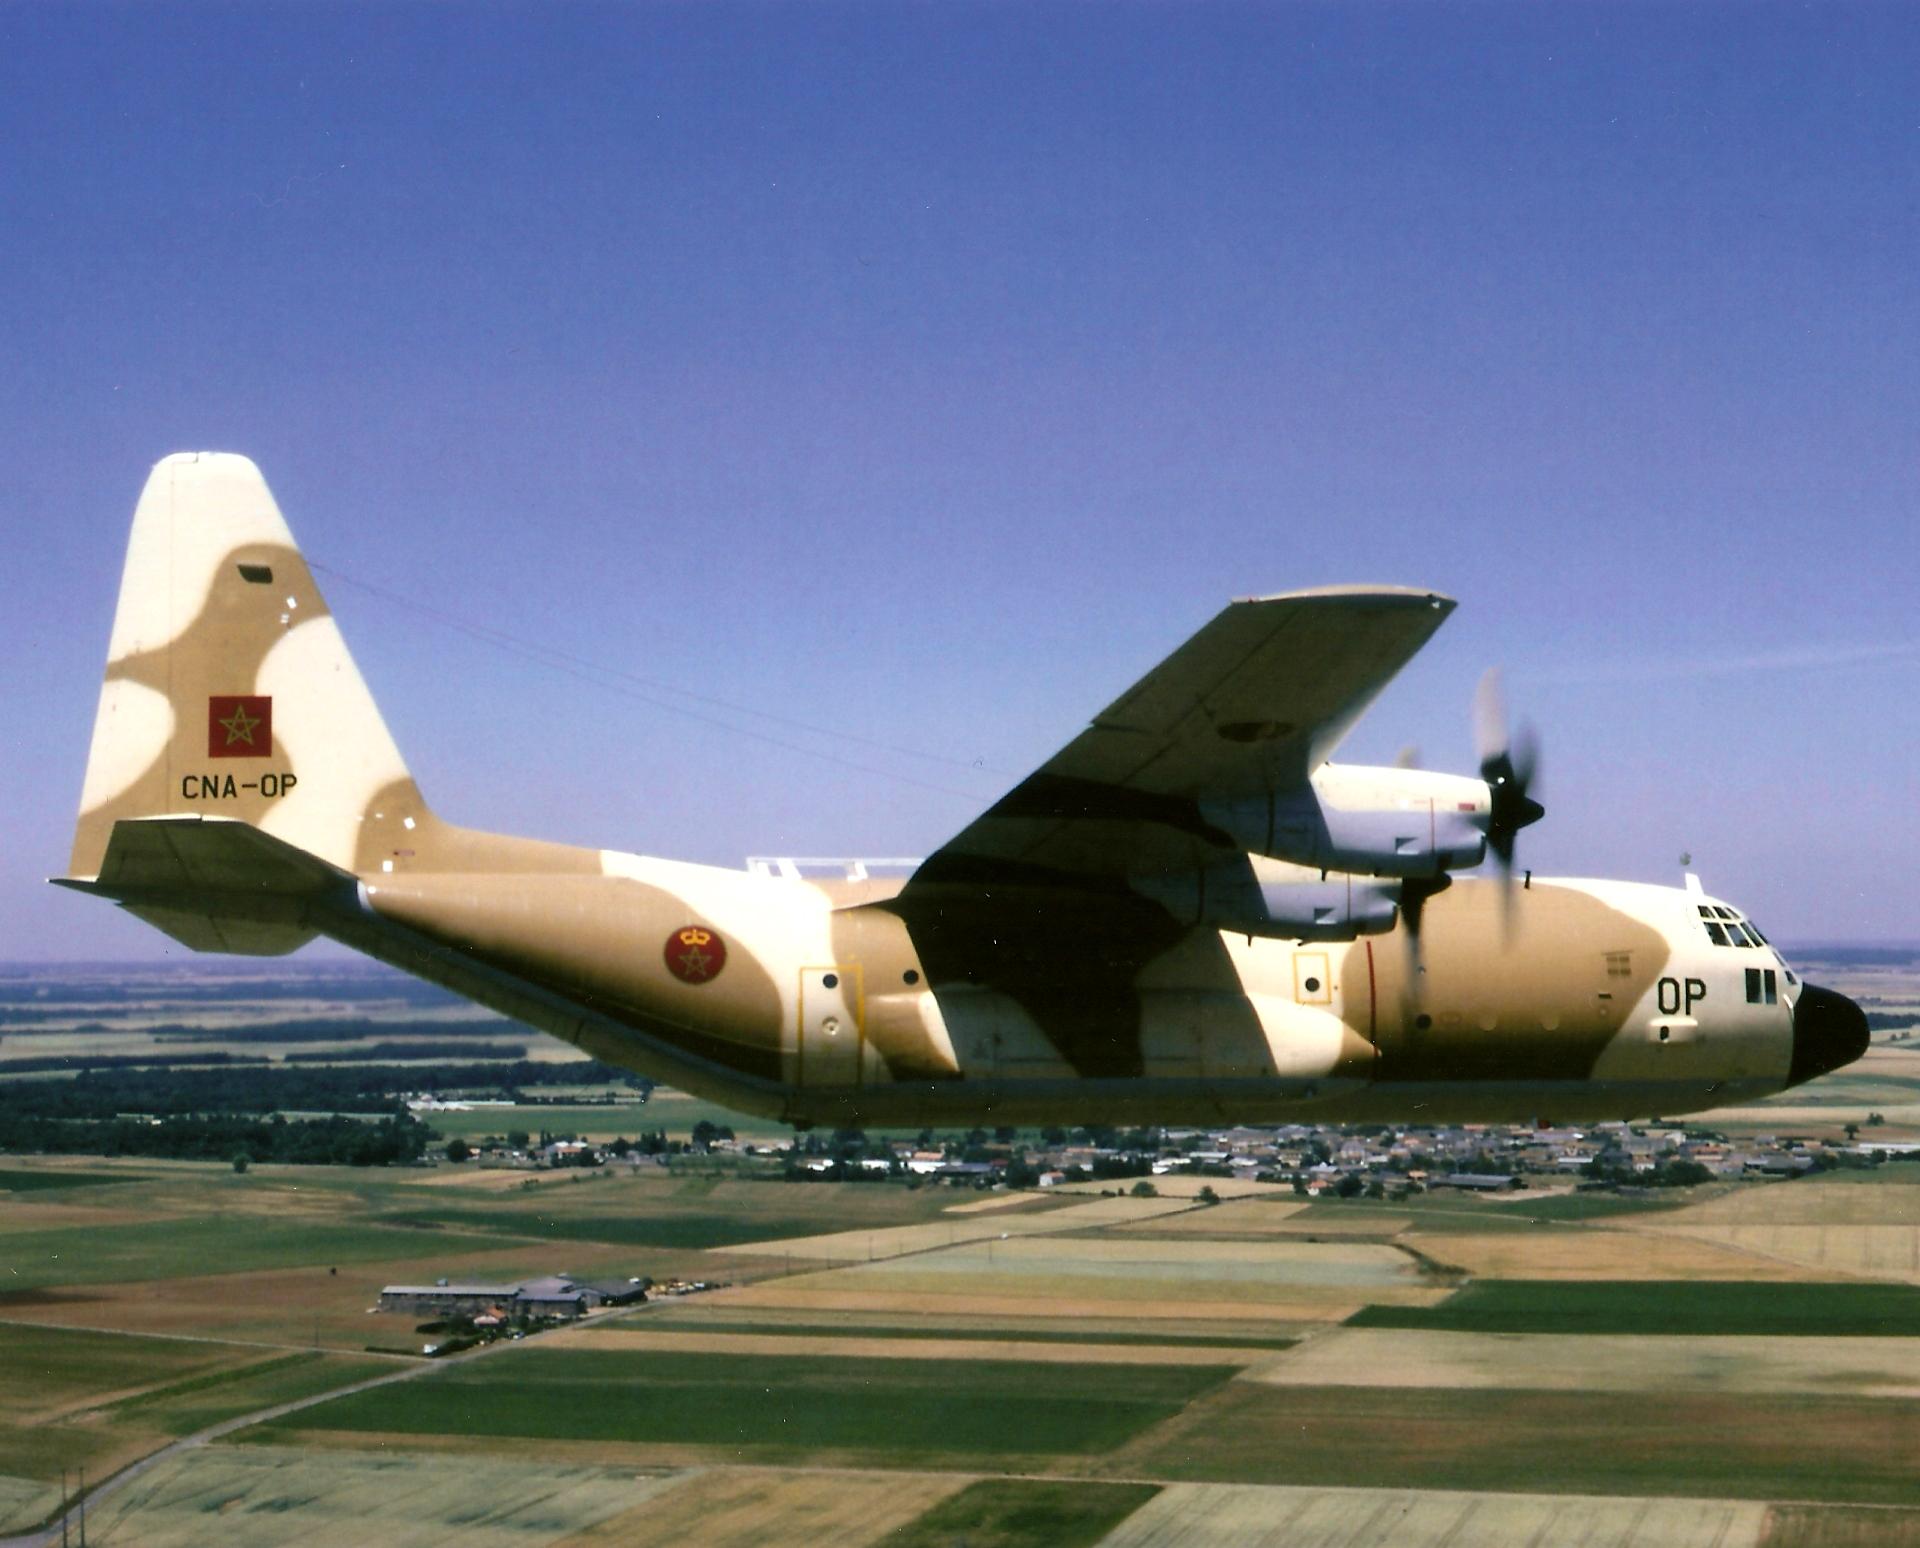 FRA: Photos d'avions de transport - Page 25 151220063917303119